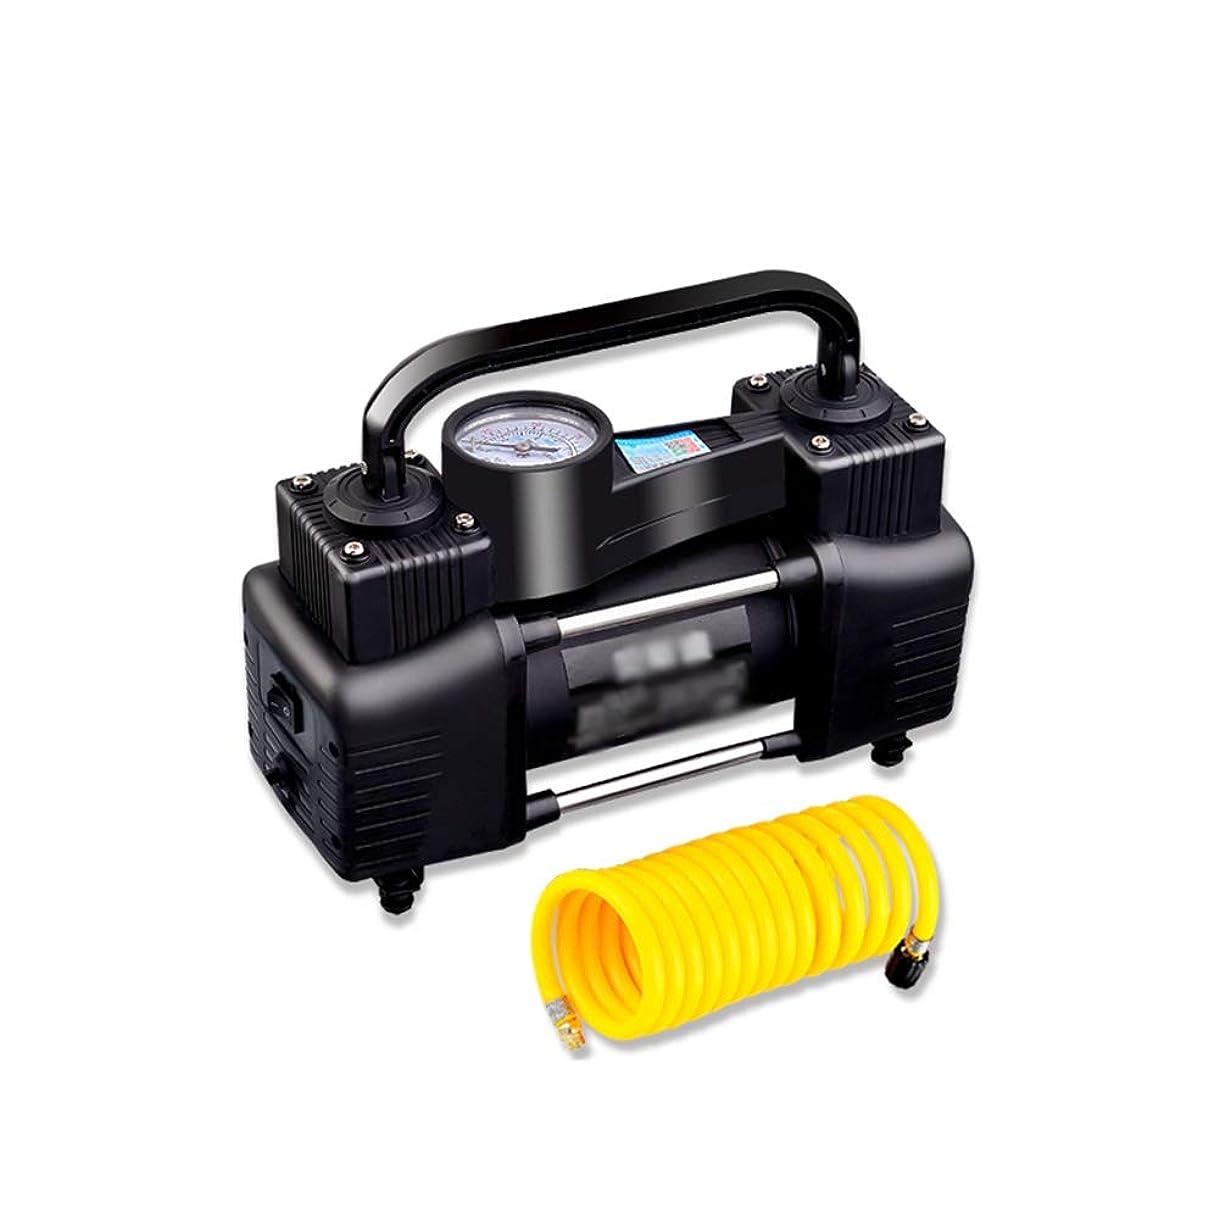 対称バーゲン男らしいQXKMZタイヤインフレータ、PSIタイヤポンプインフレータポータブル電動ポンプ、格納するのは簡単